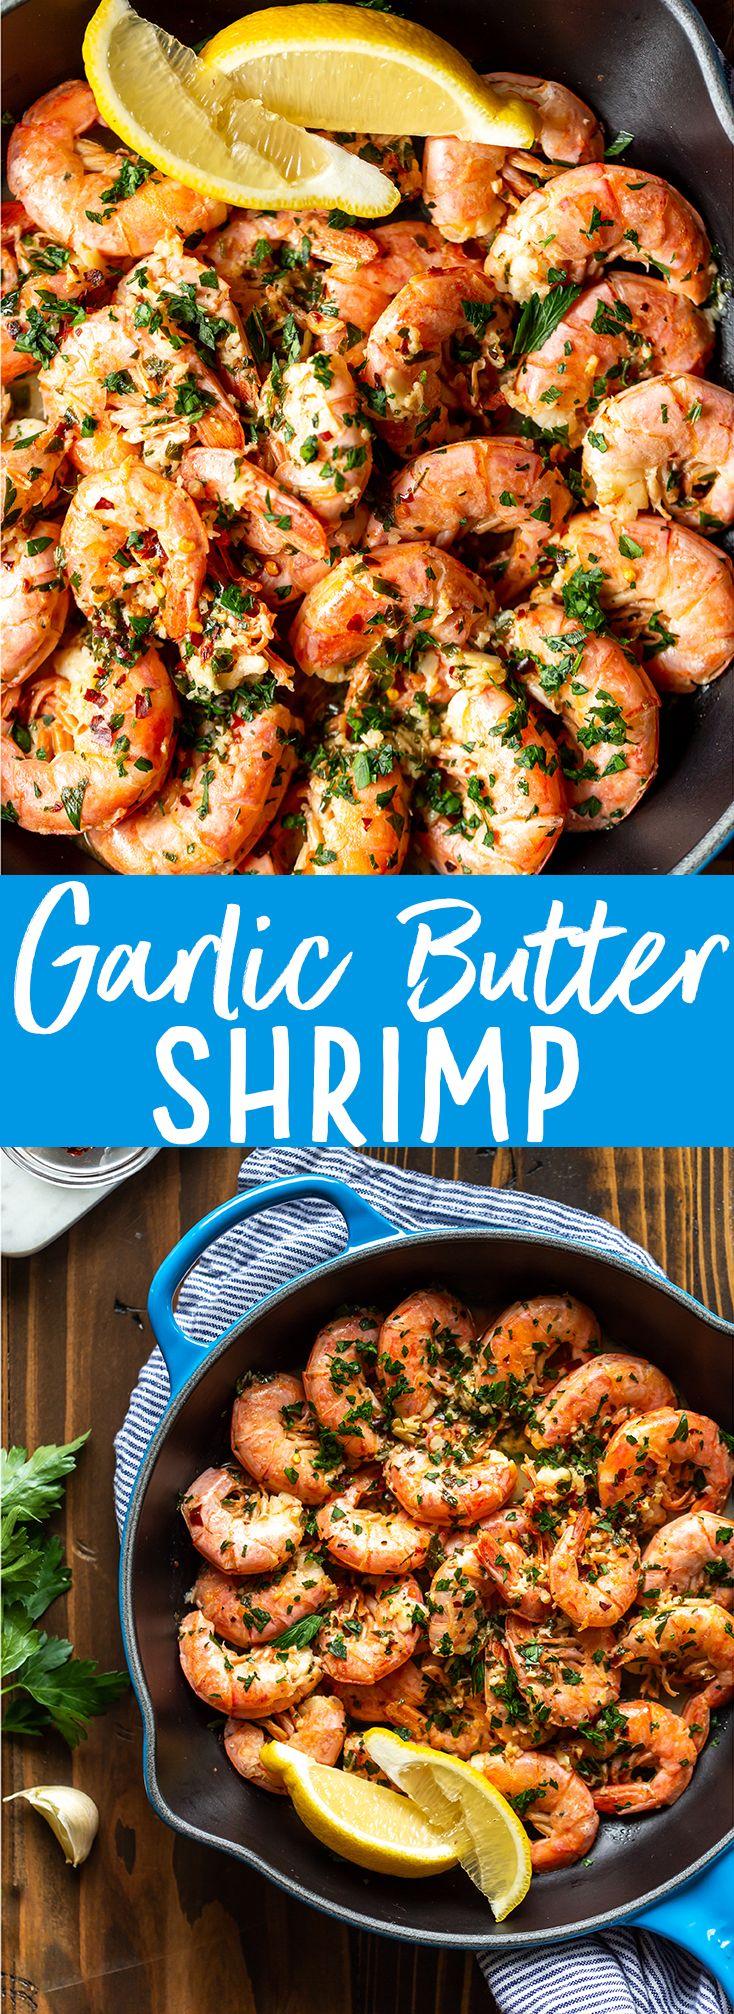 Garlic Butter Shrimp images